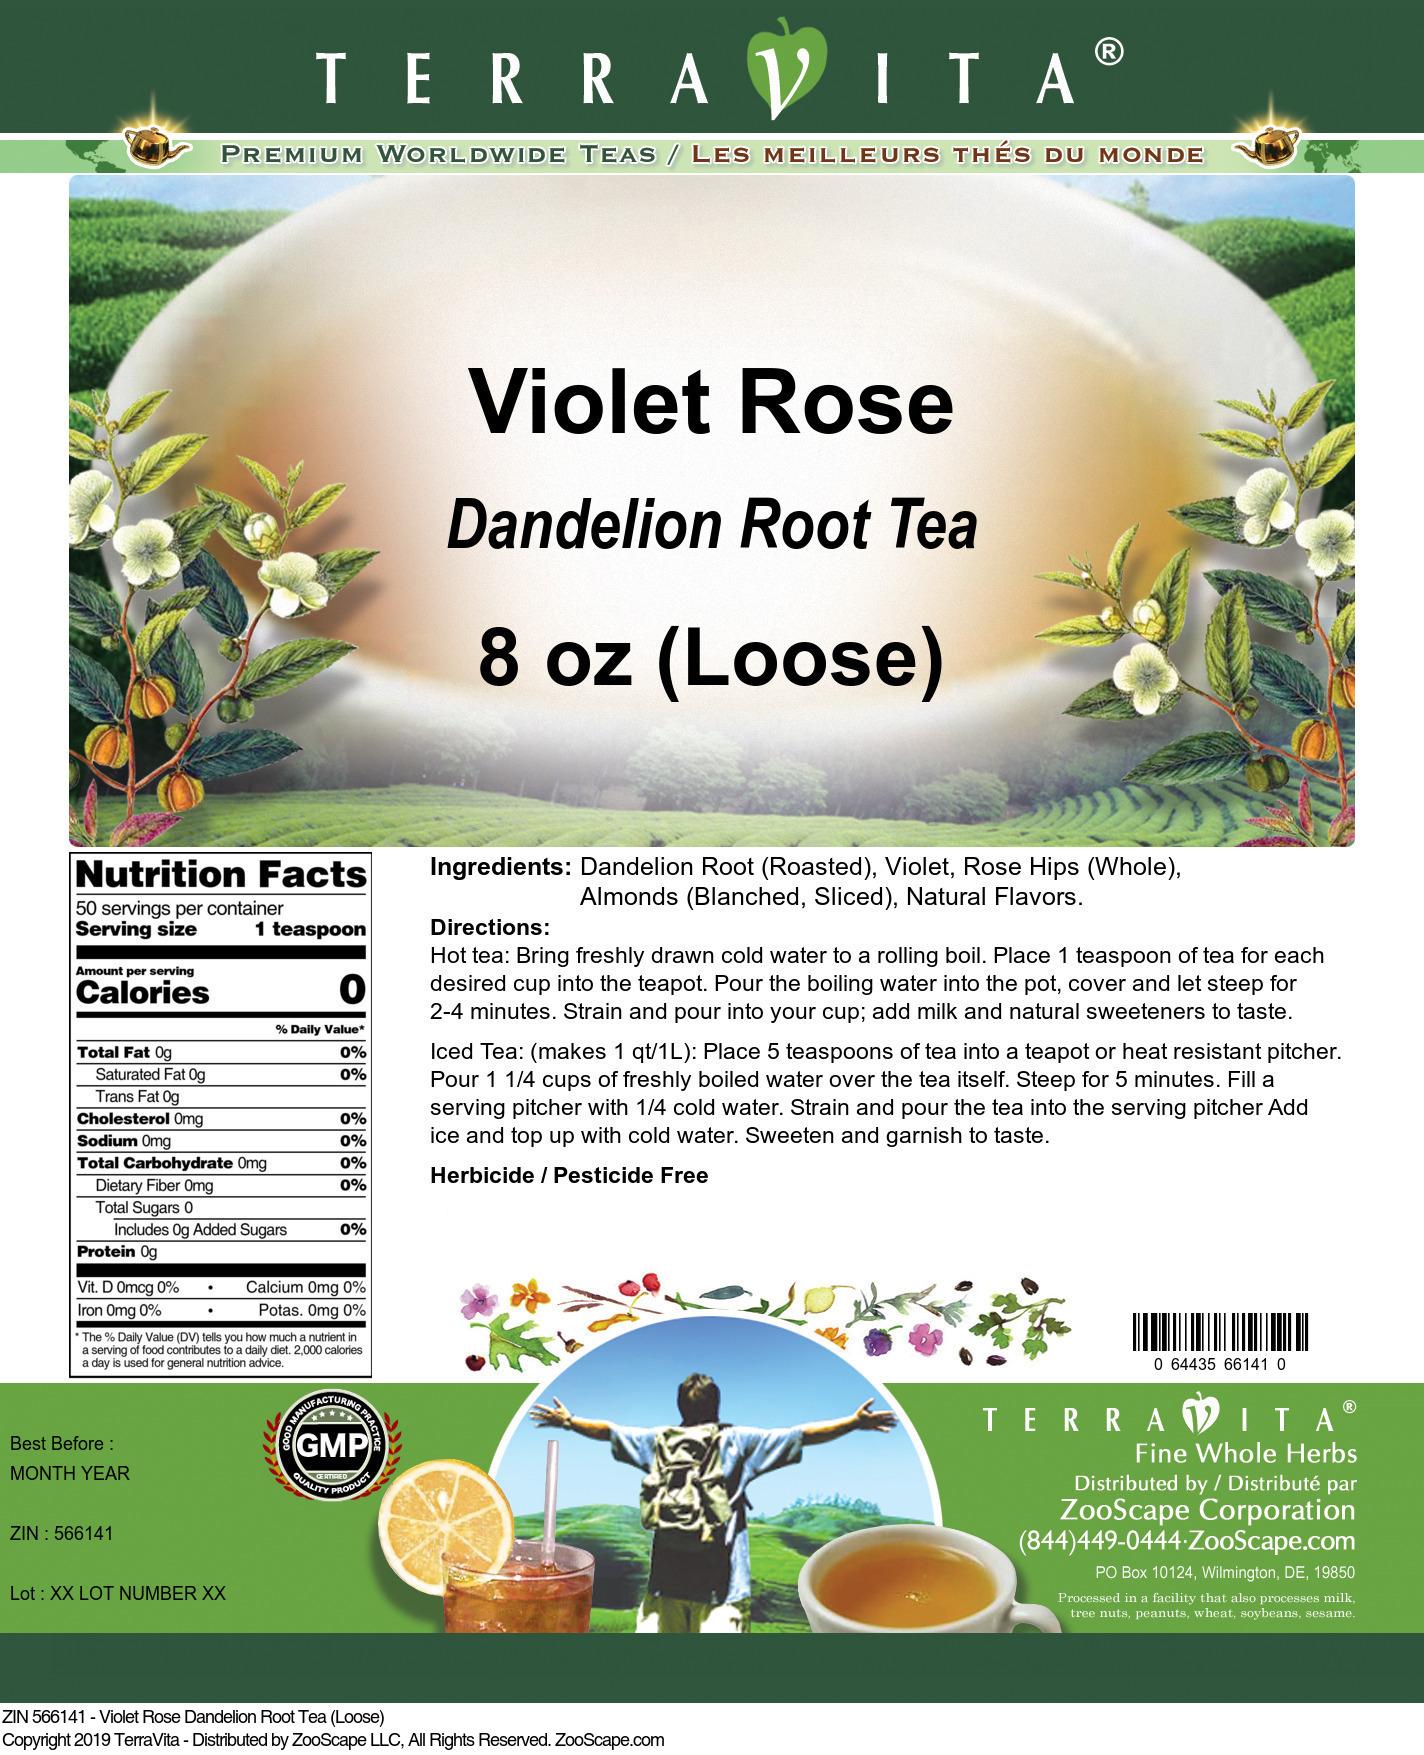 Violet Rose Dandelion Root Tea (Loose)